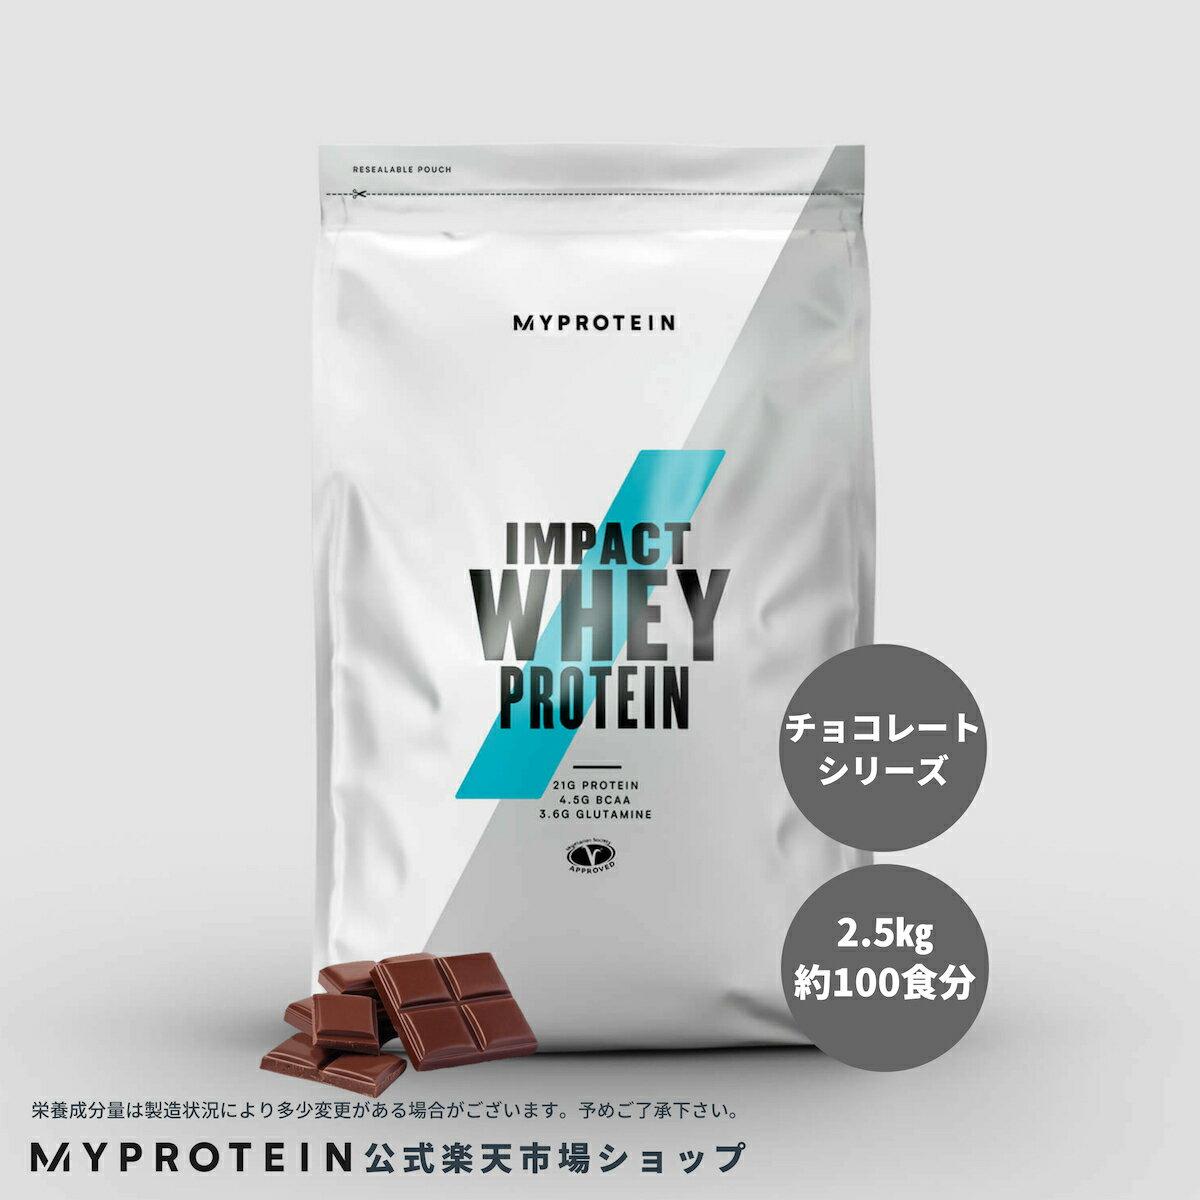 【最大1000円OFFクーポン対象商品】マイプロテイン 公式 【MyProtein】 Impact ホエイプロテイン (チョコレートシリーズ) 2.5kg 約100食分| プロテイン ホエイ ぷろていん ダイエット 筋トレ 女性 【楽天海外直送】